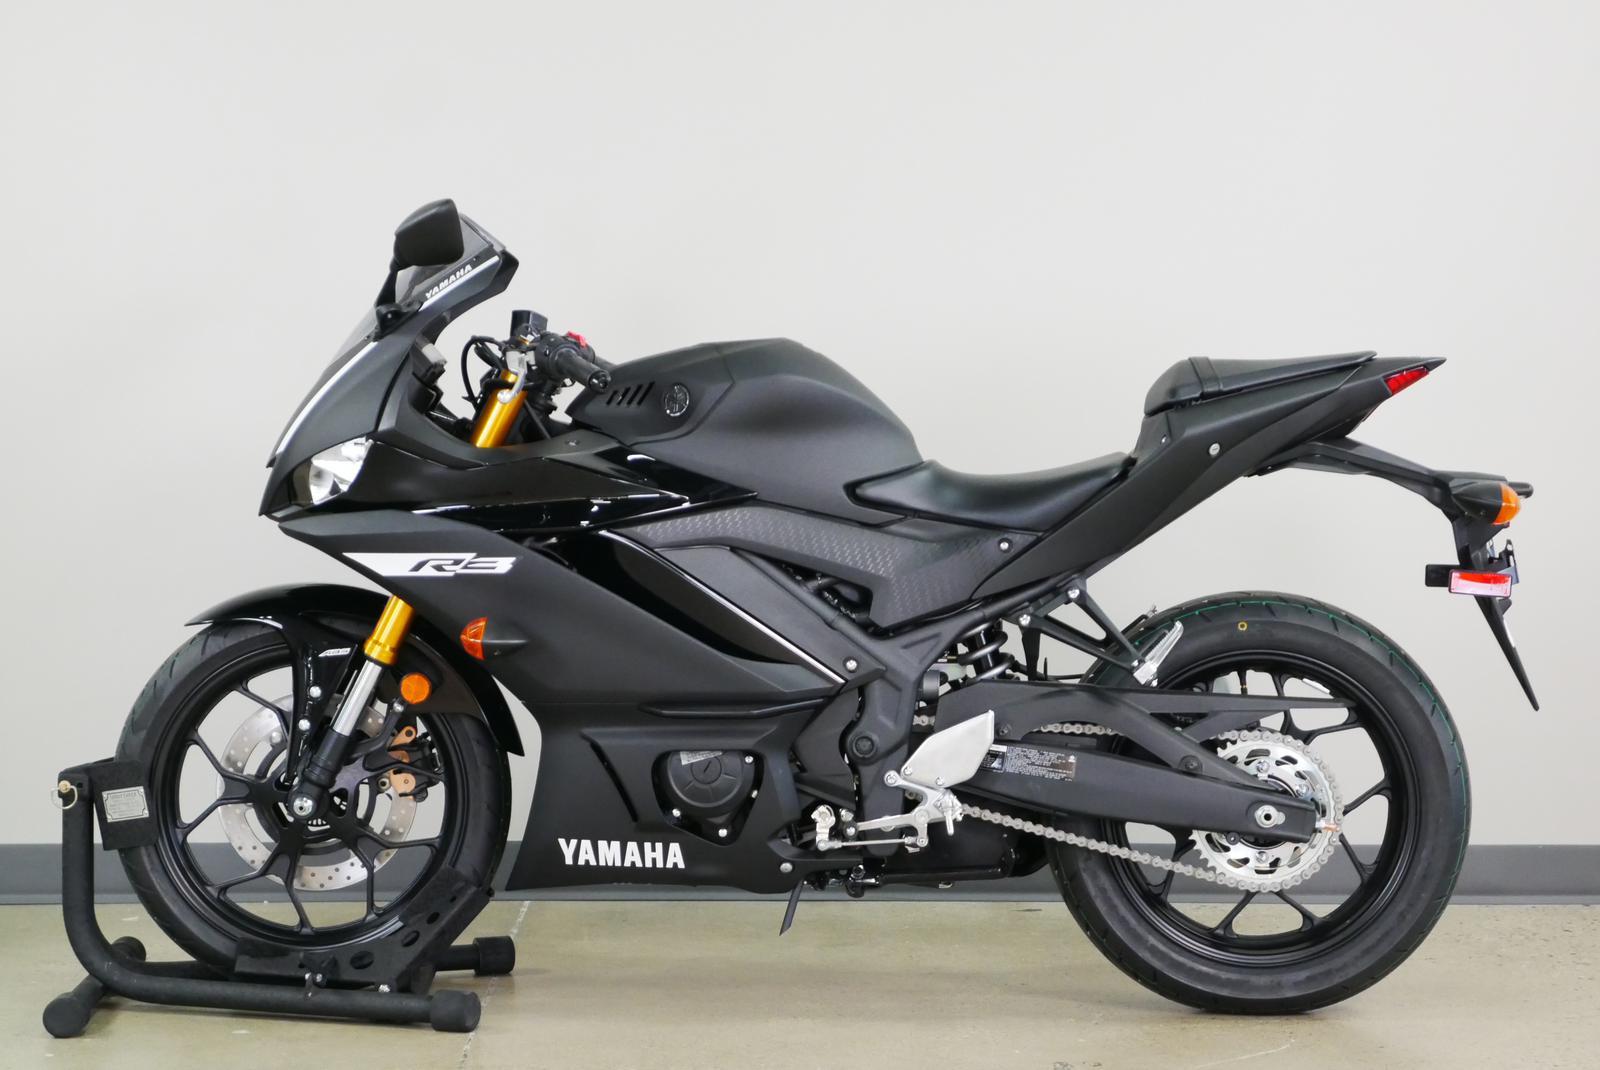 2019 Yamaha Yzf R3 Abs